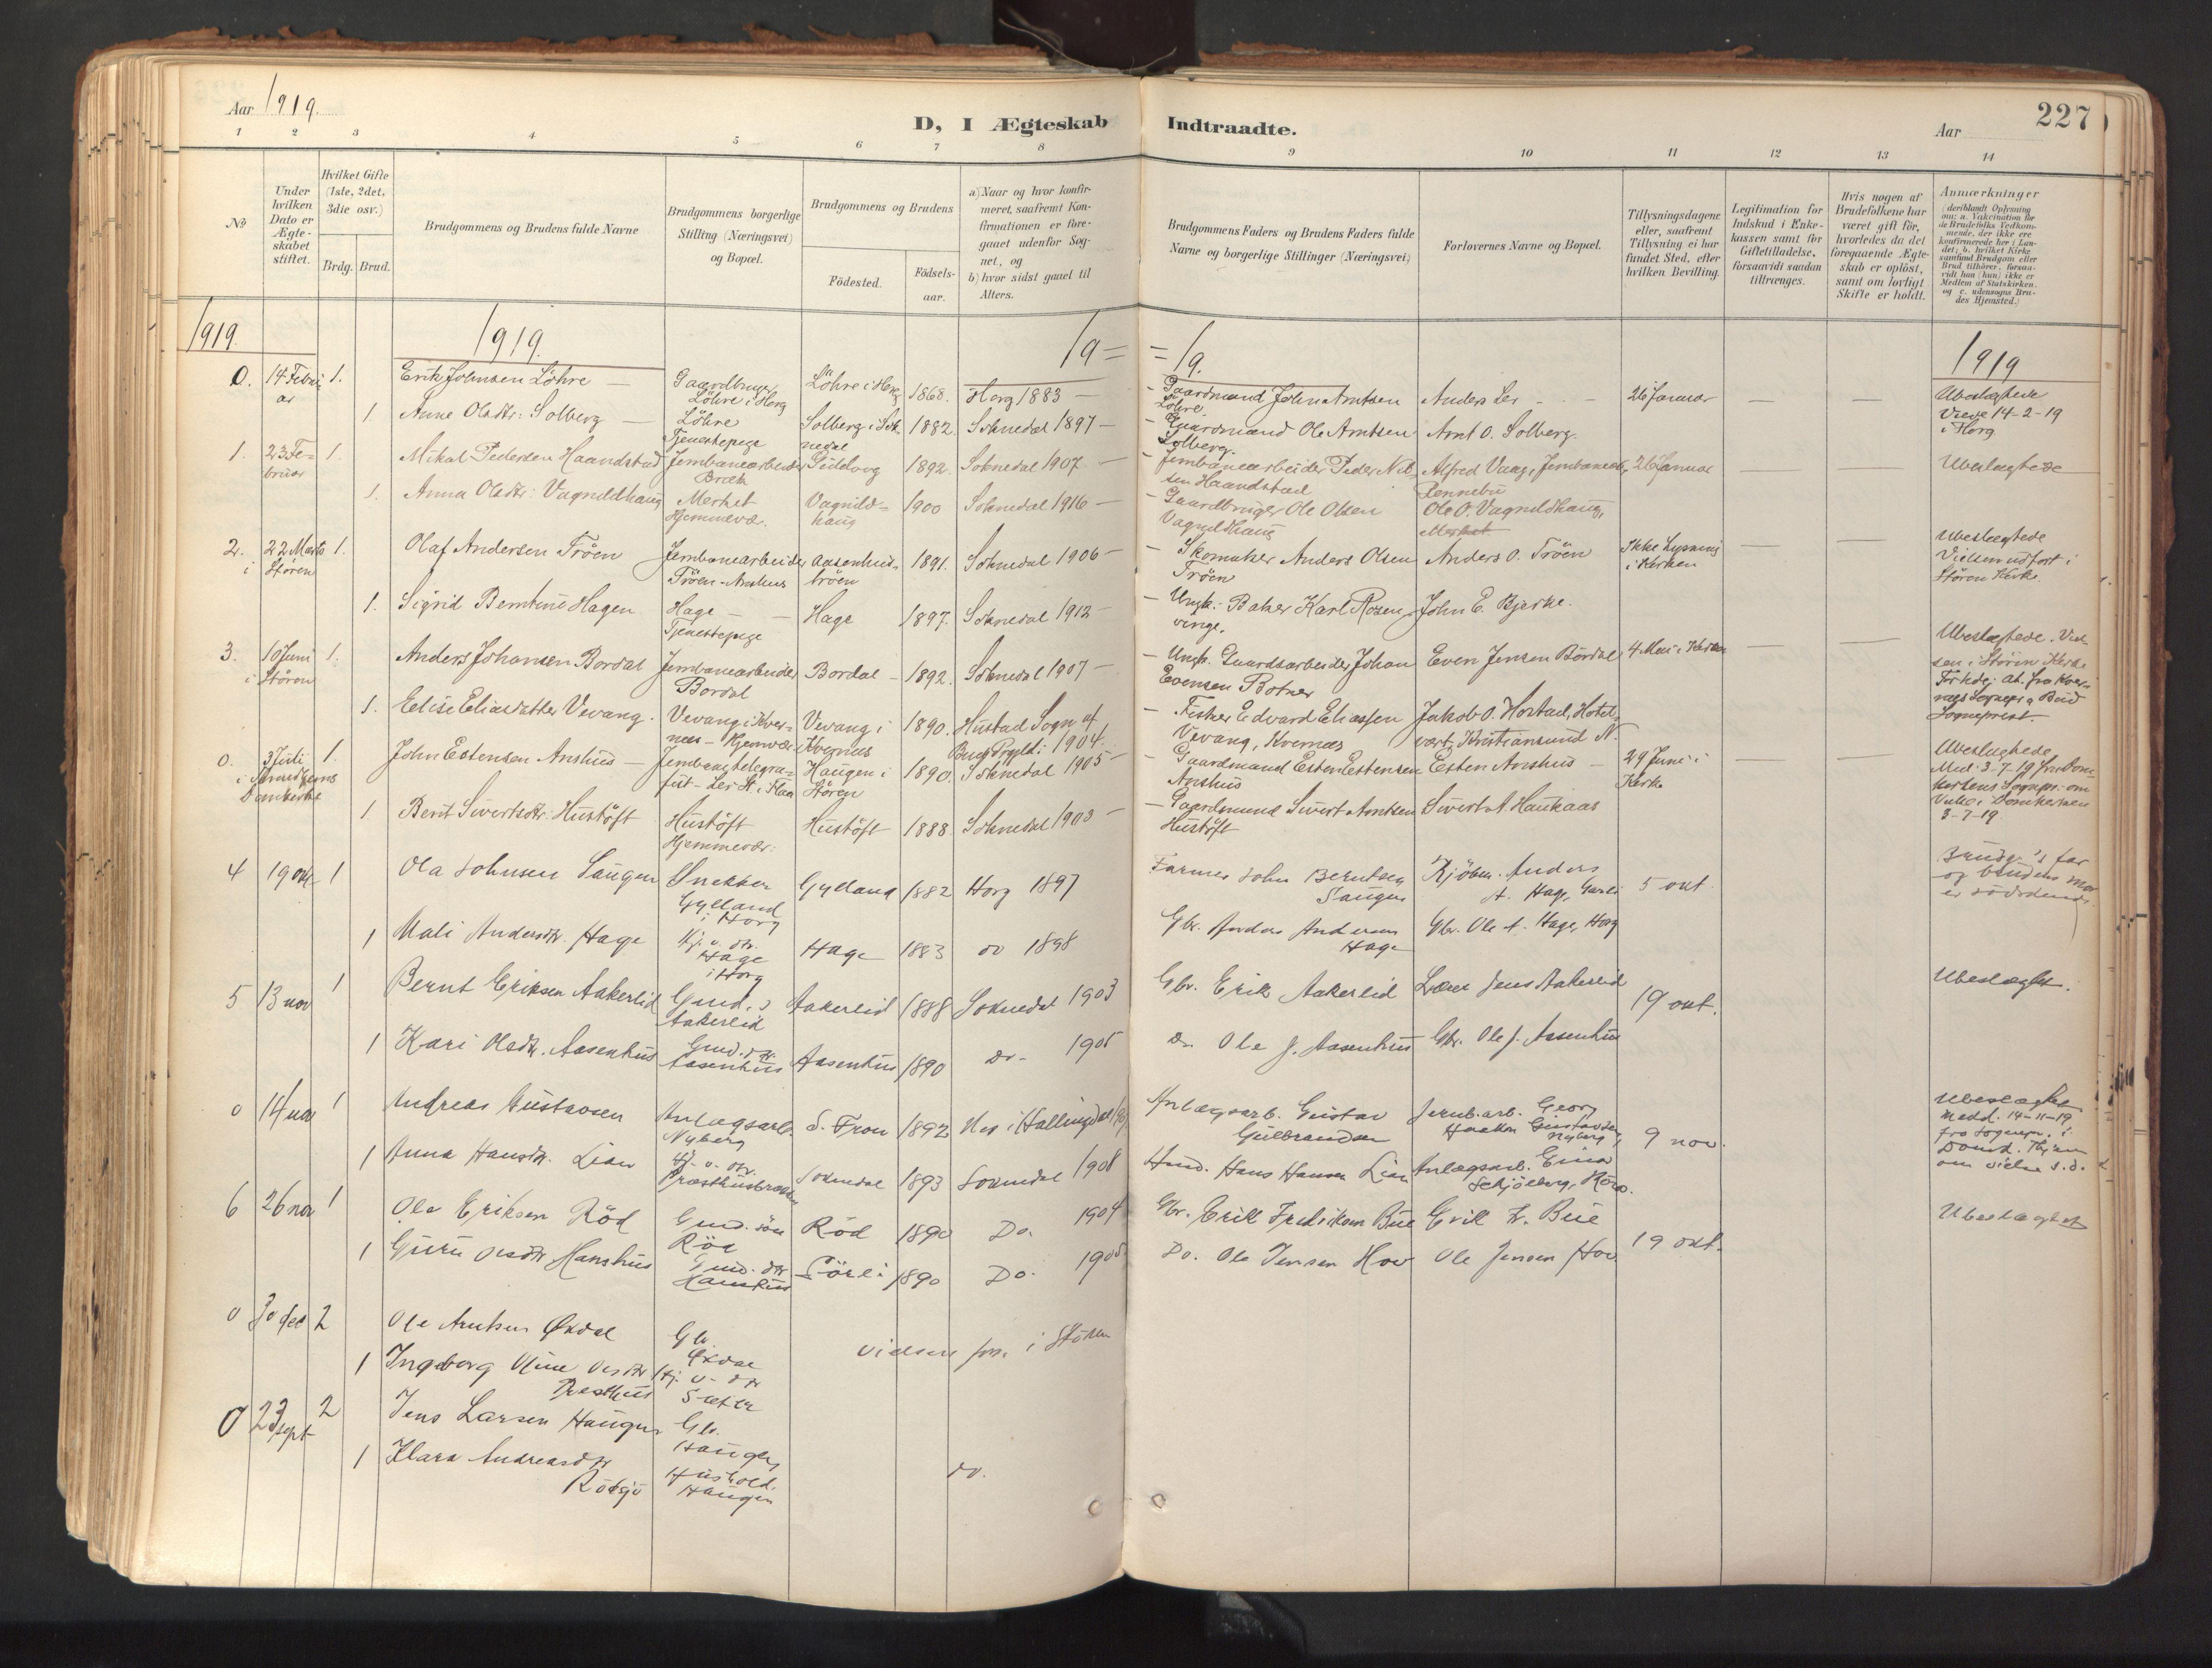 SAT, Ministerialprotokoller, klokkerbøker og fødselsregistre - Sør-Trøndelag, 689/L1041: Ministerialbok nr. 689A06, 1891-1923, s. 227